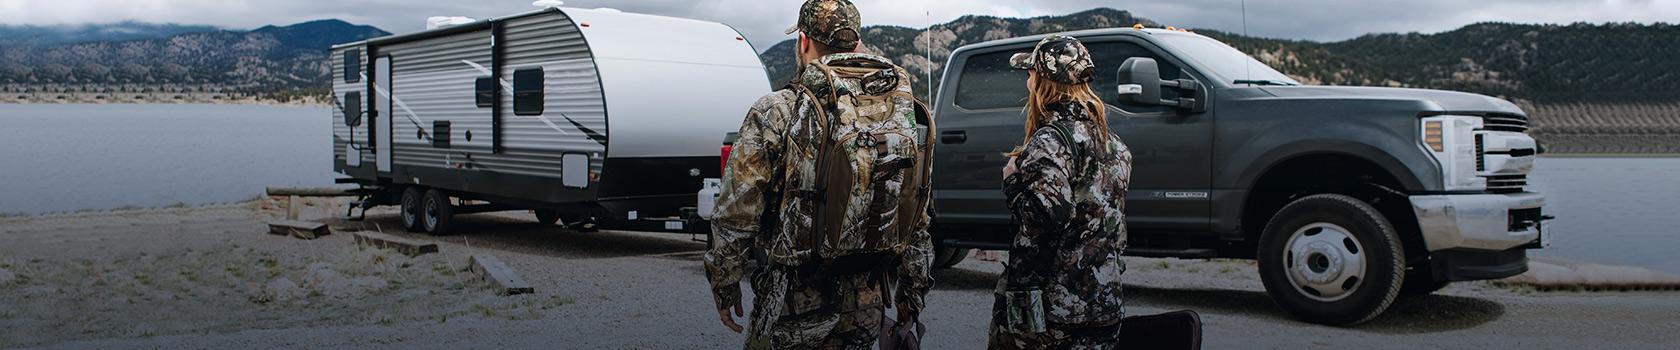 Top hunting deals